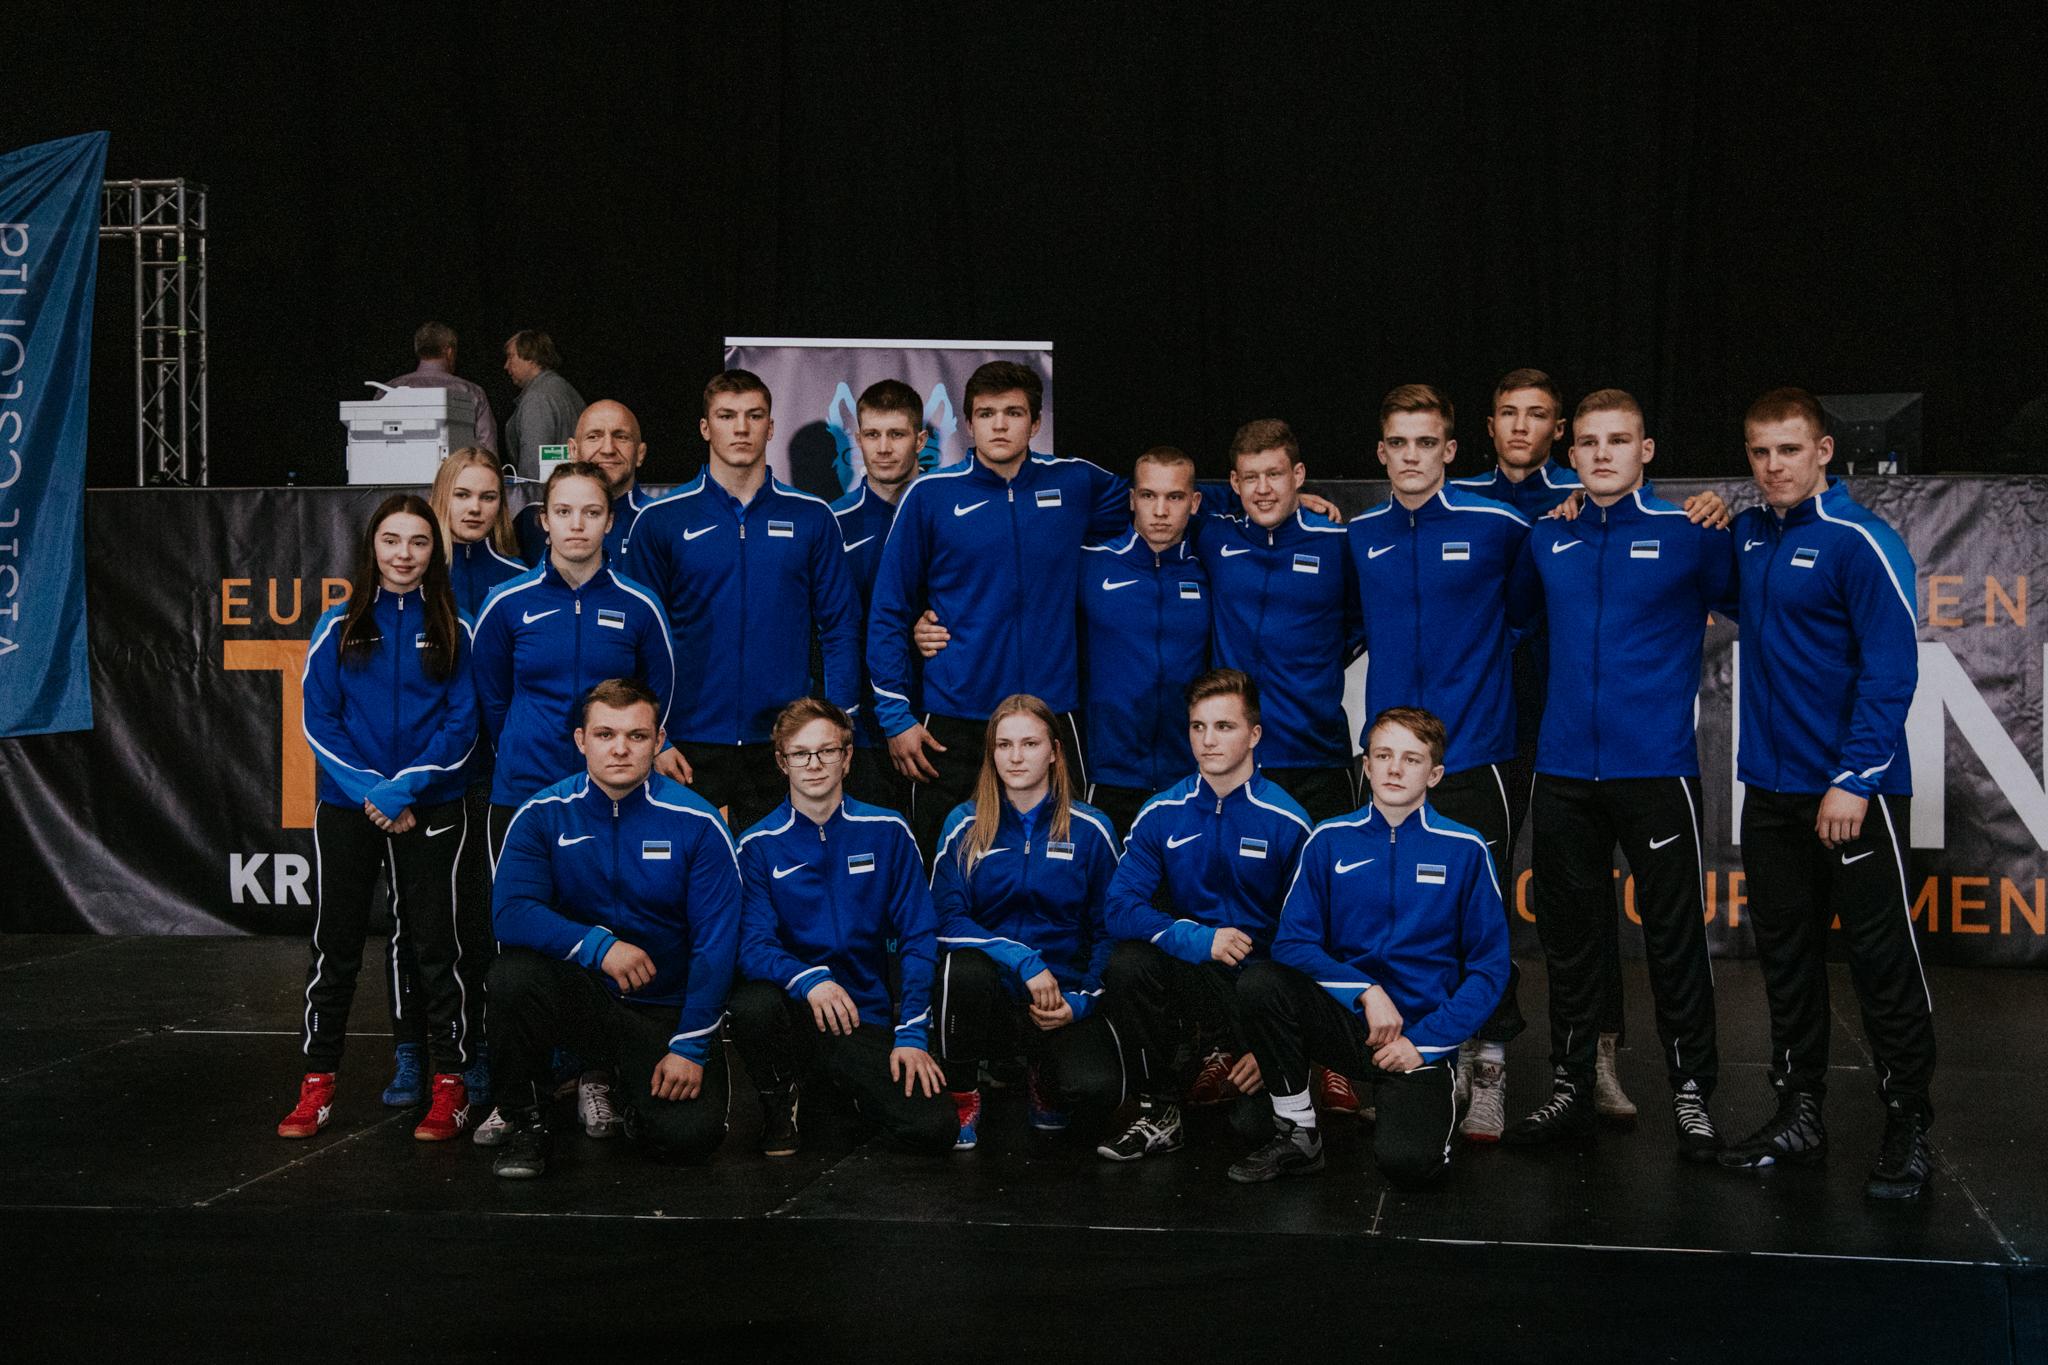 Maadluse MM - Eesti koondis